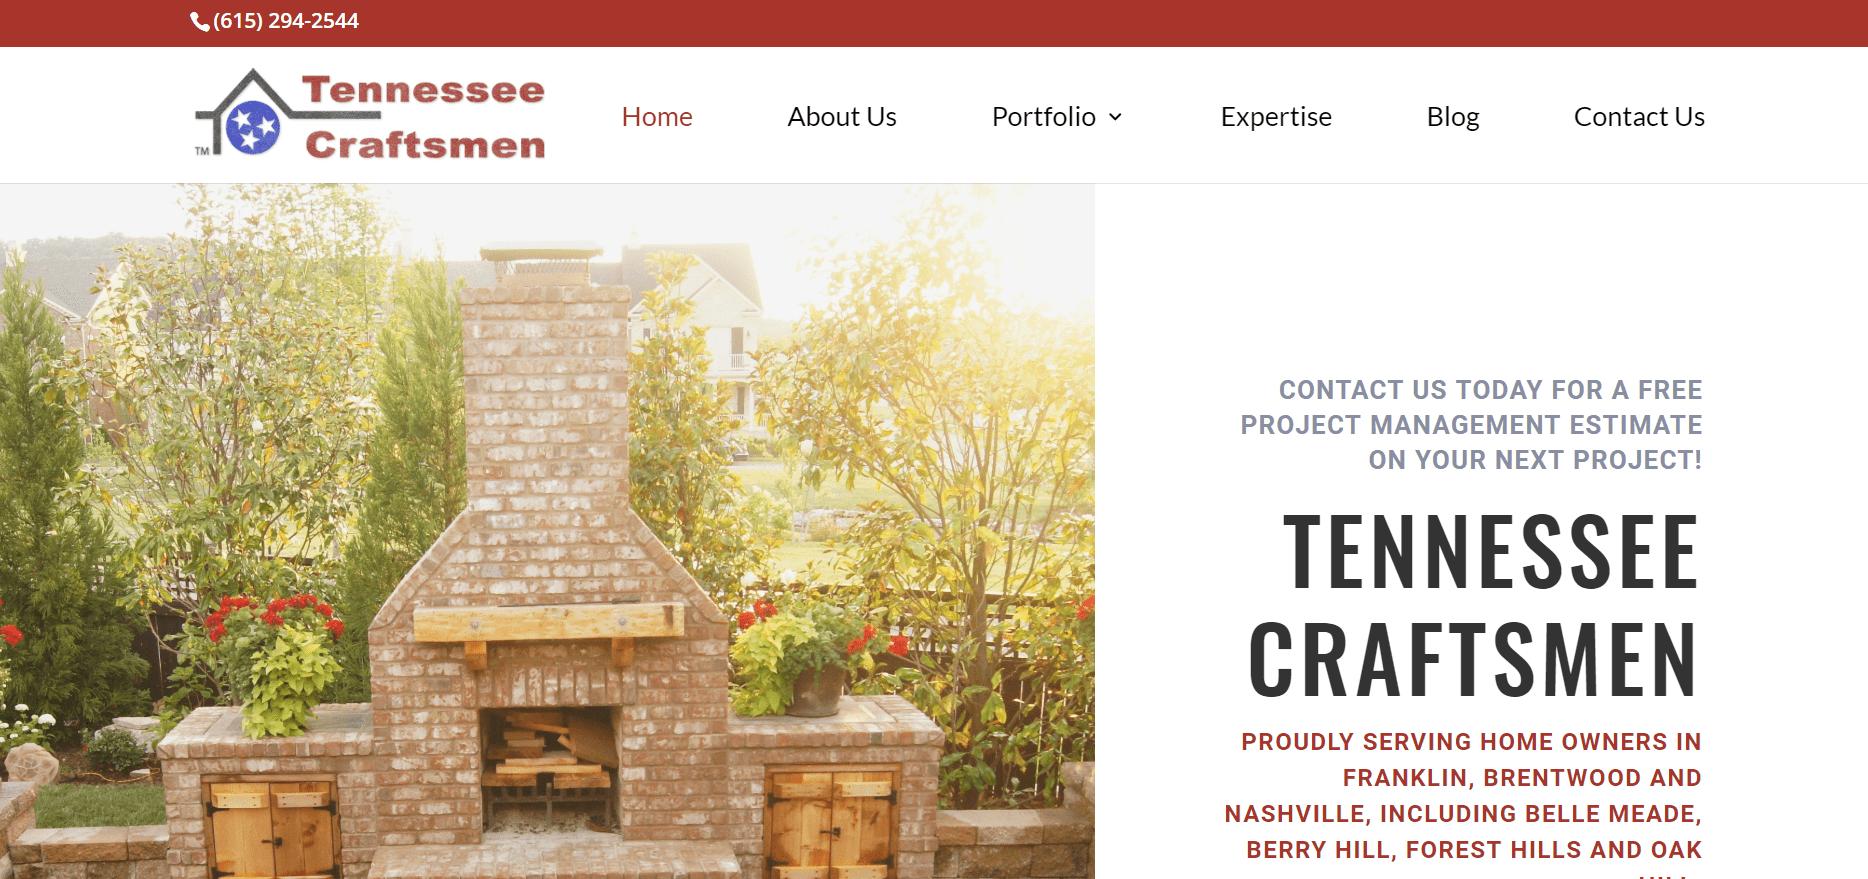 Tennessee Craftsmen Homepage